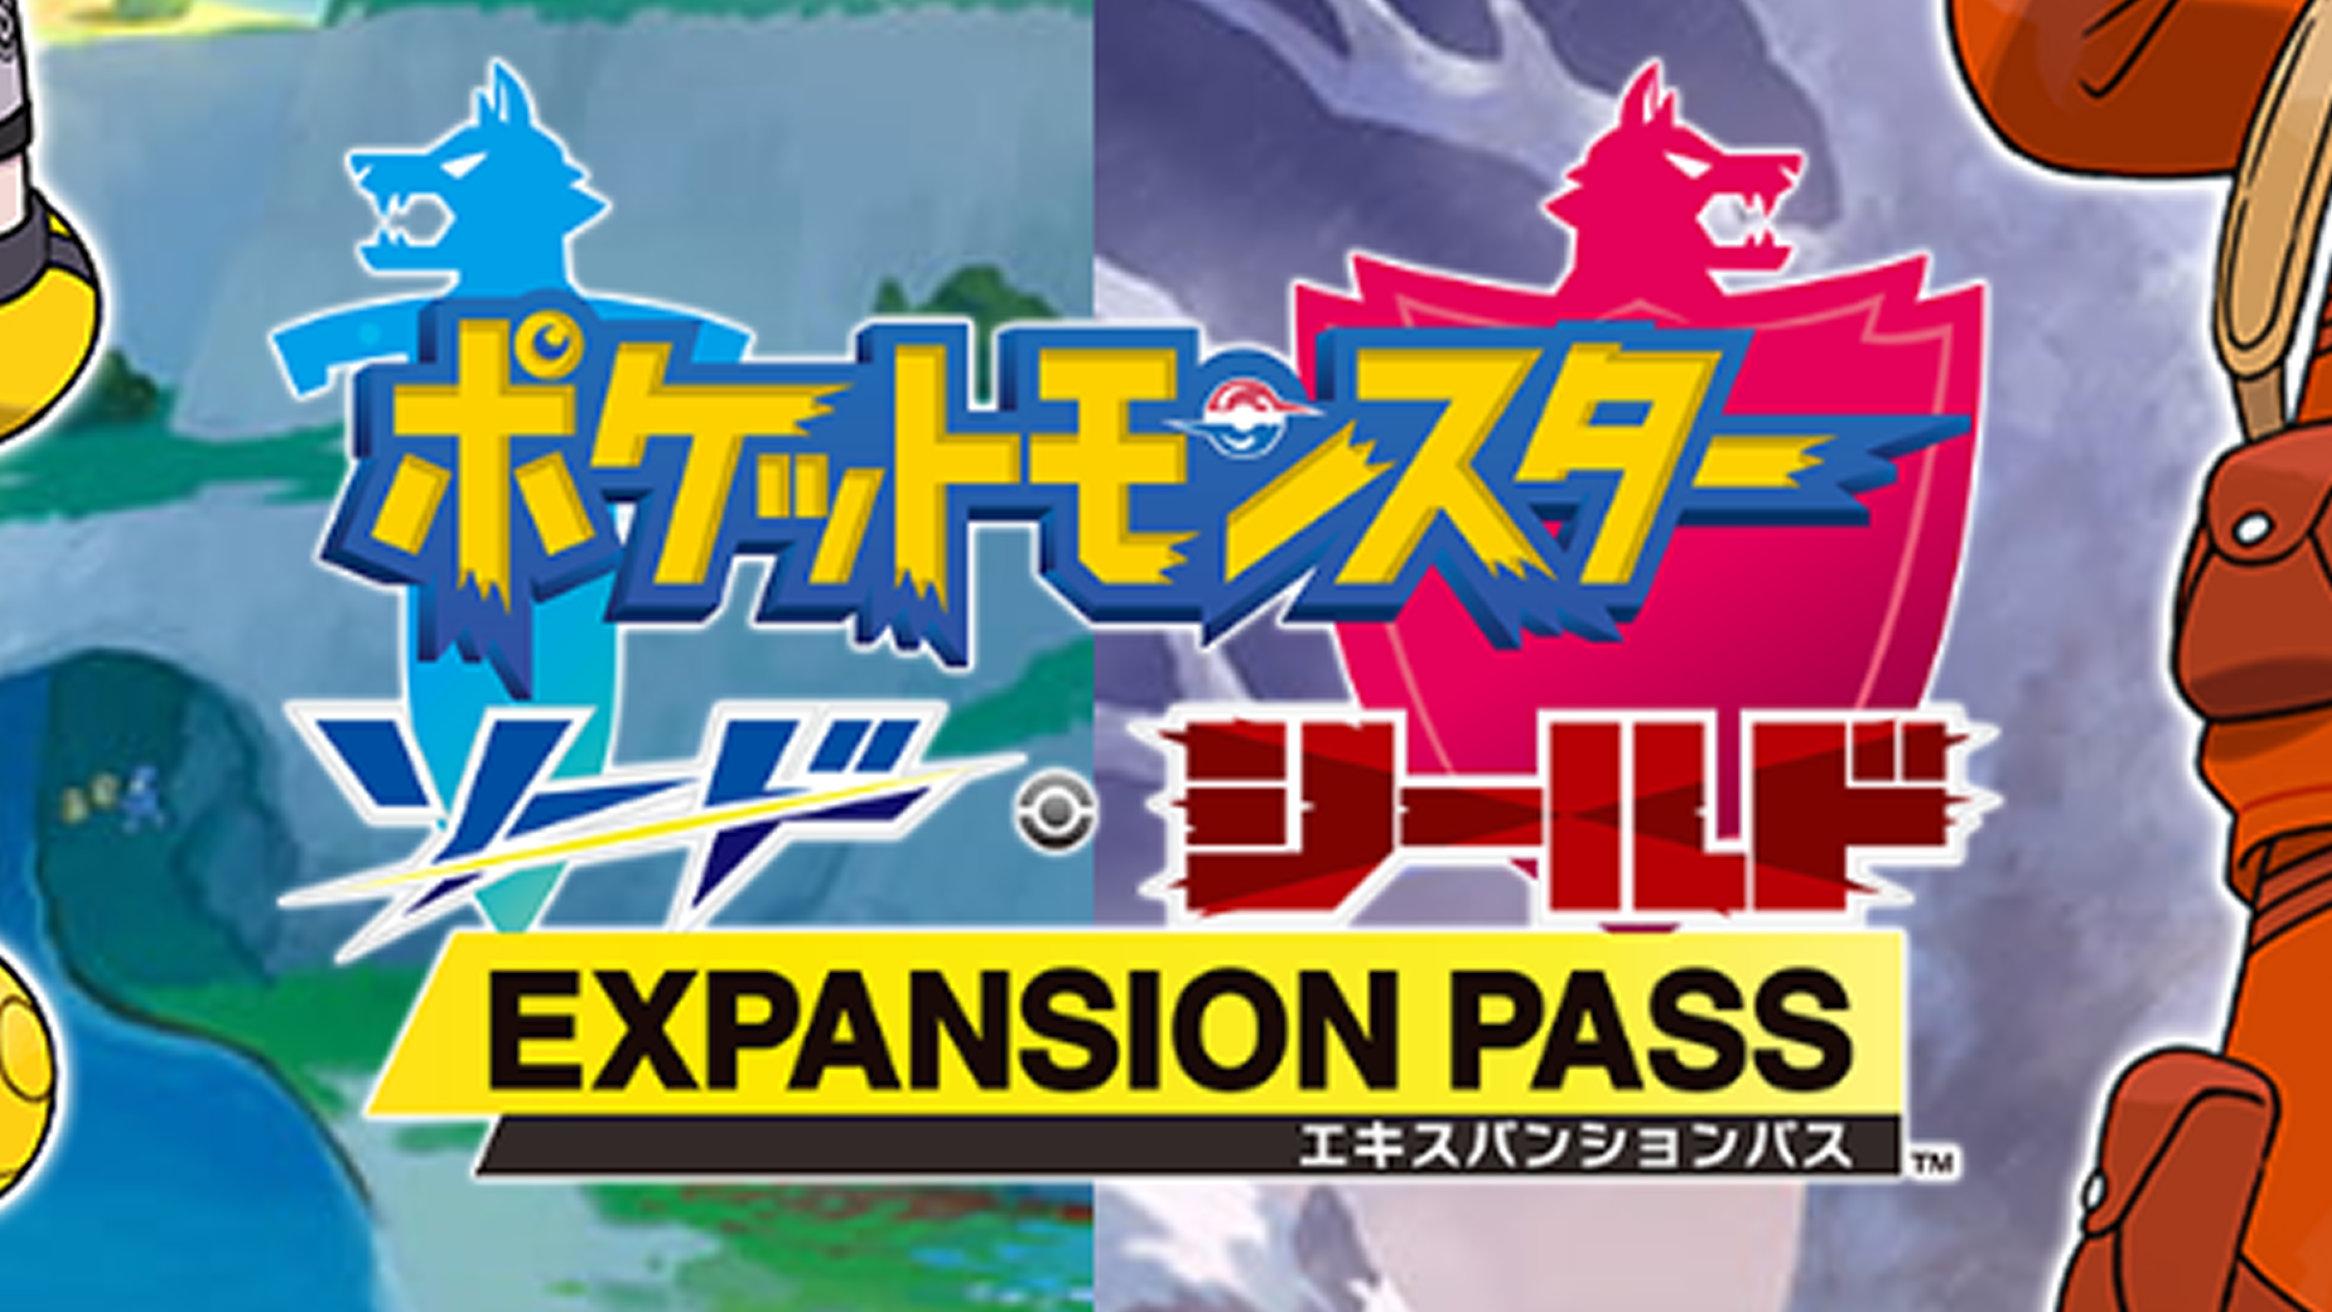 ポケモン ソード シールド、DLCの新情報が2020年6月2日。配信日